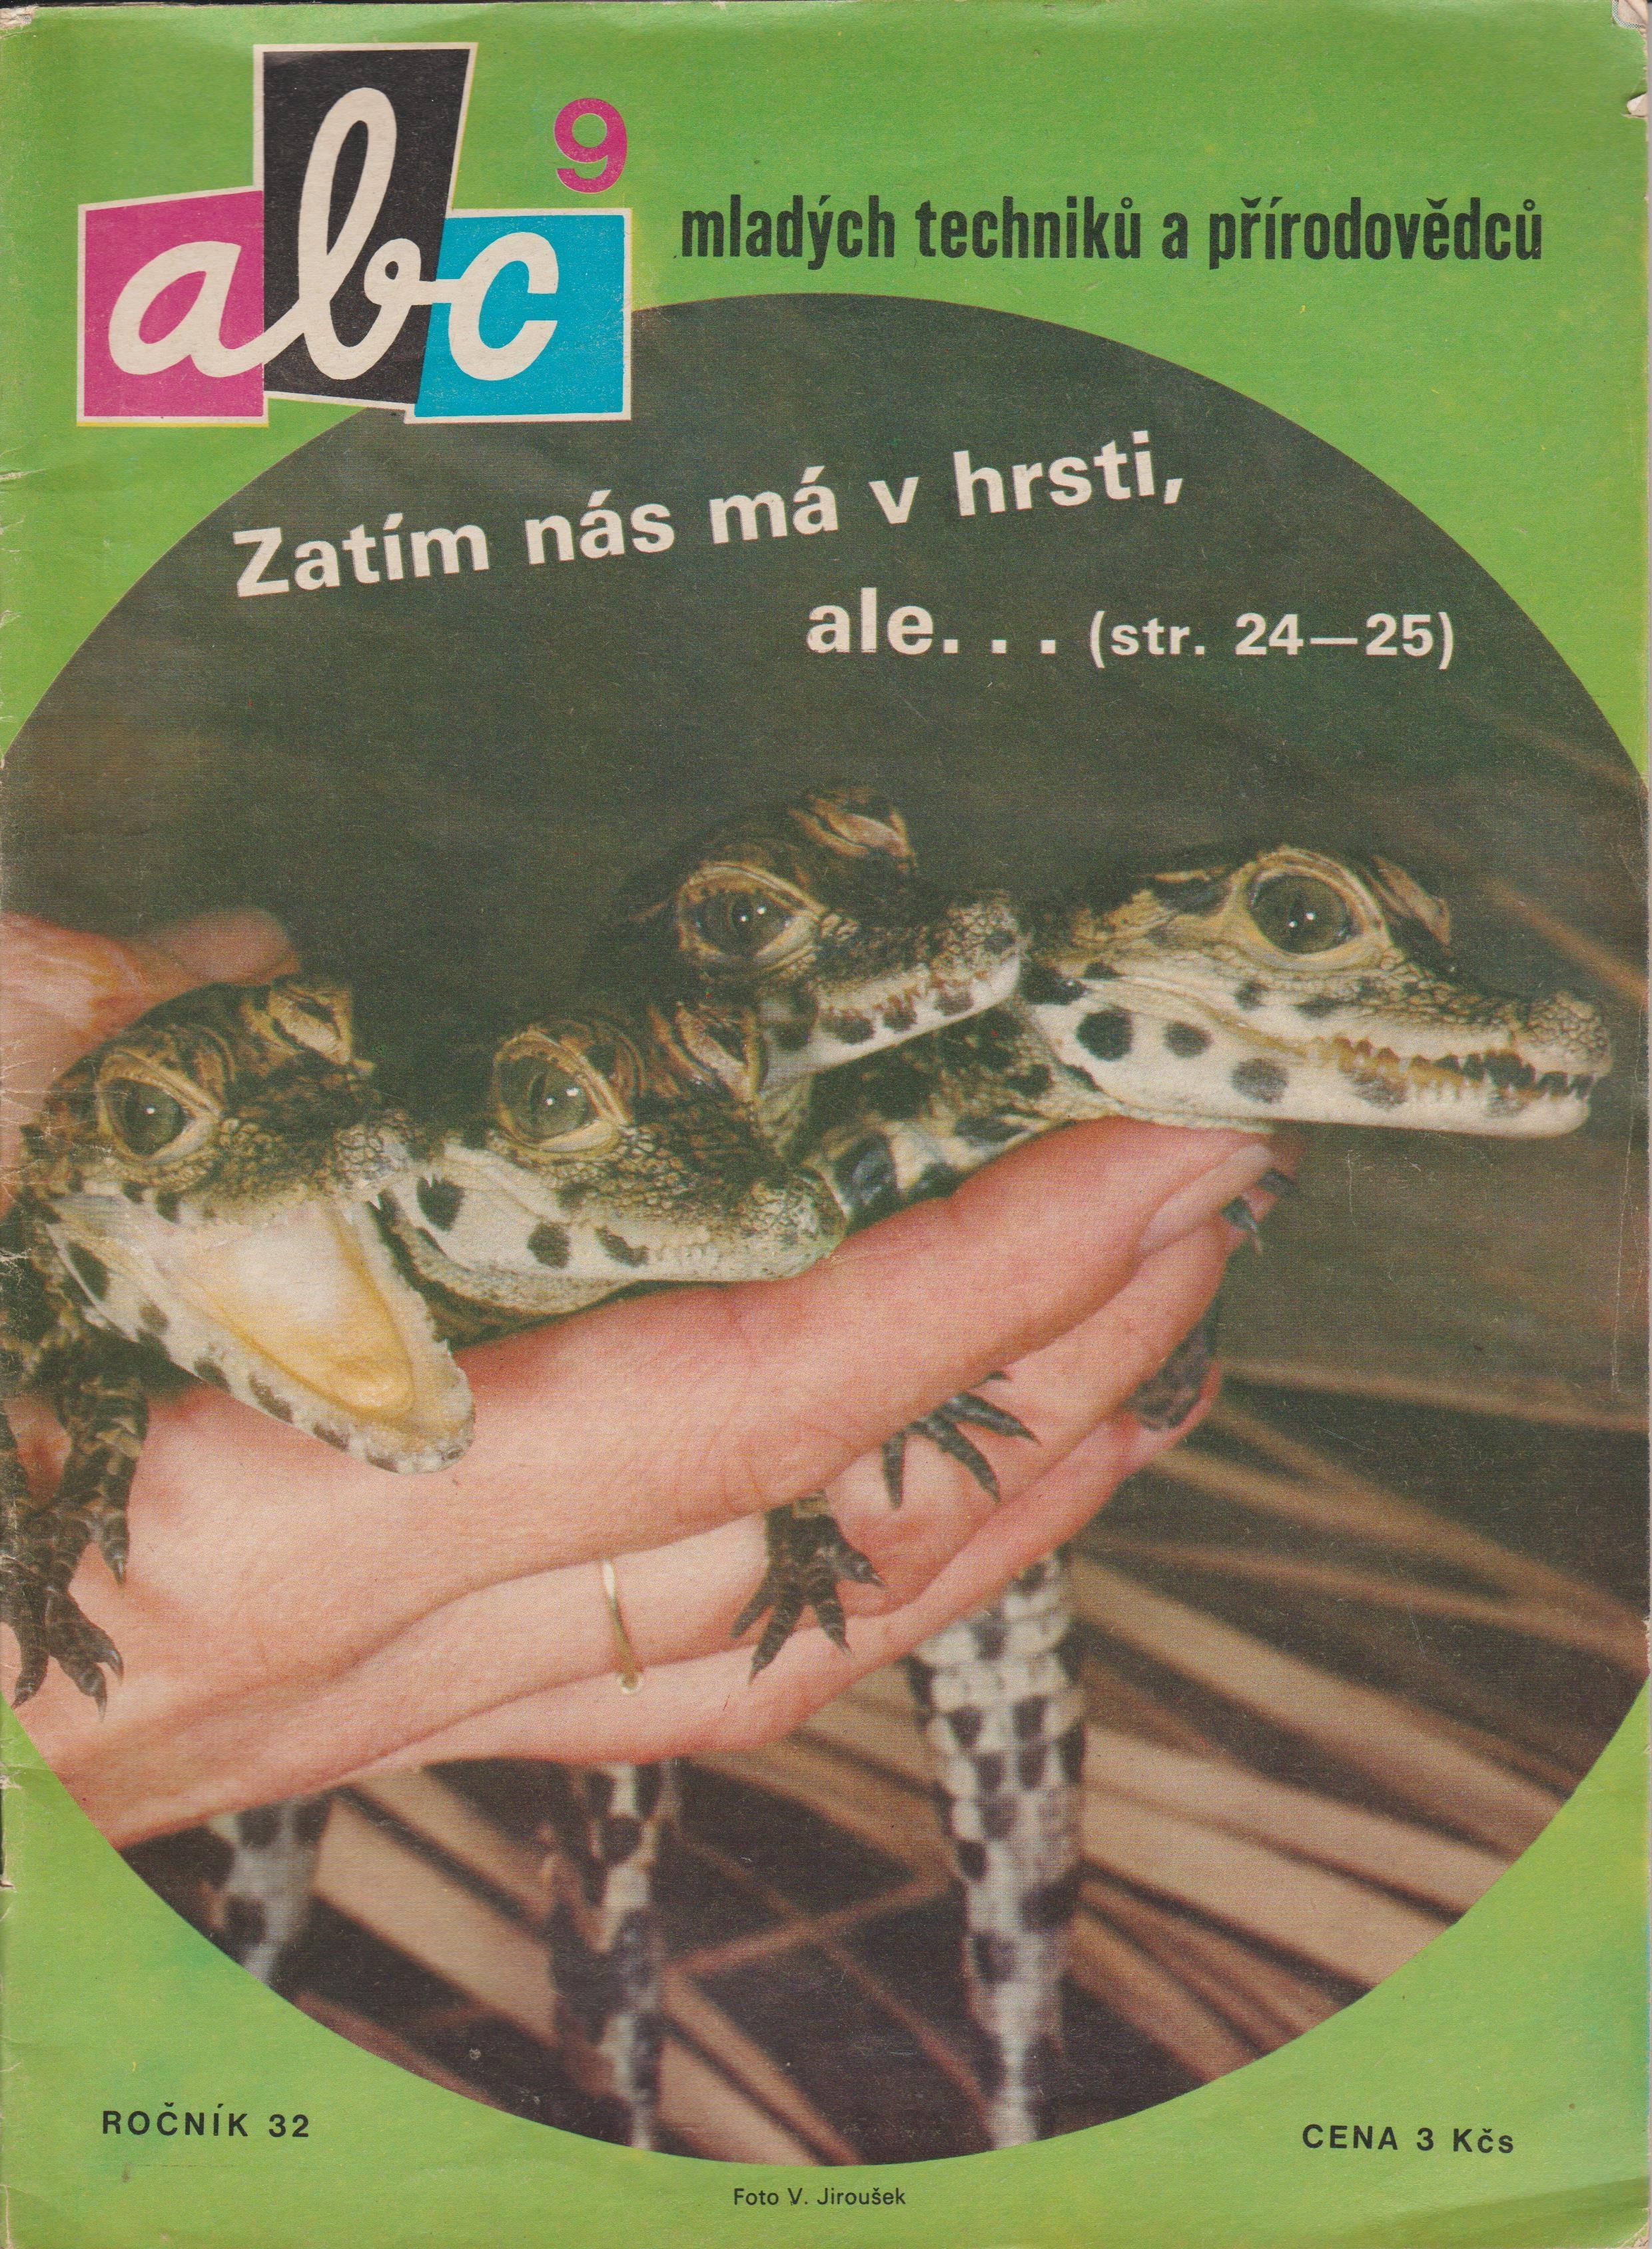 ABC časopis mladých techniků a přírodovědců - 32. ročník/9. číslo